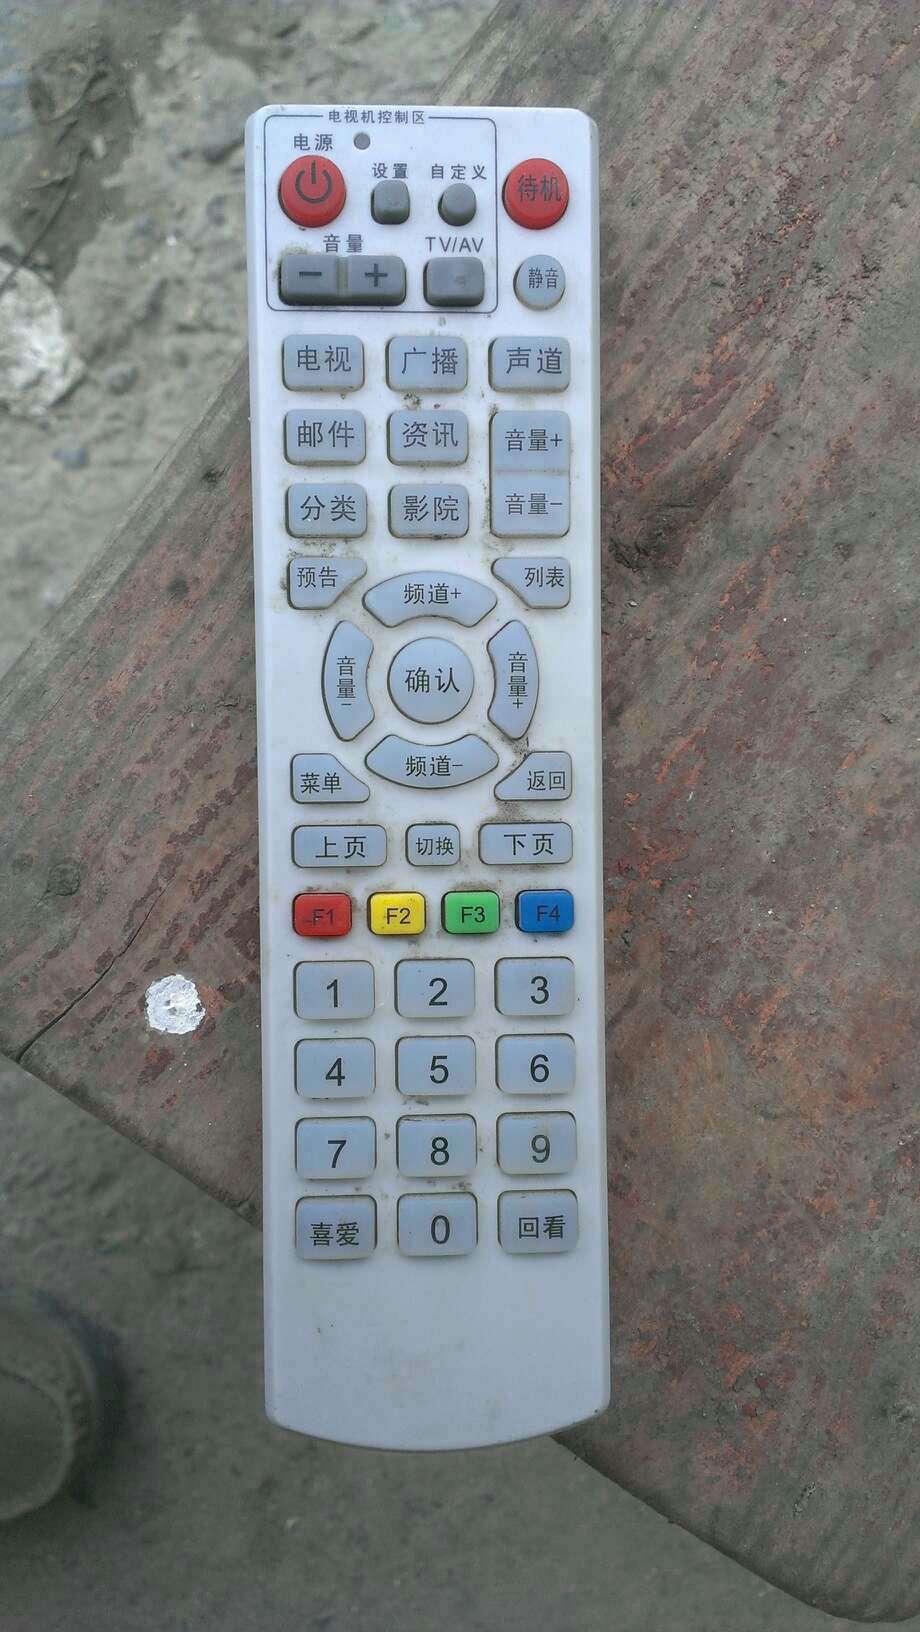 西藏自治区拉萨数字电视广电网络机顶盒遥控器